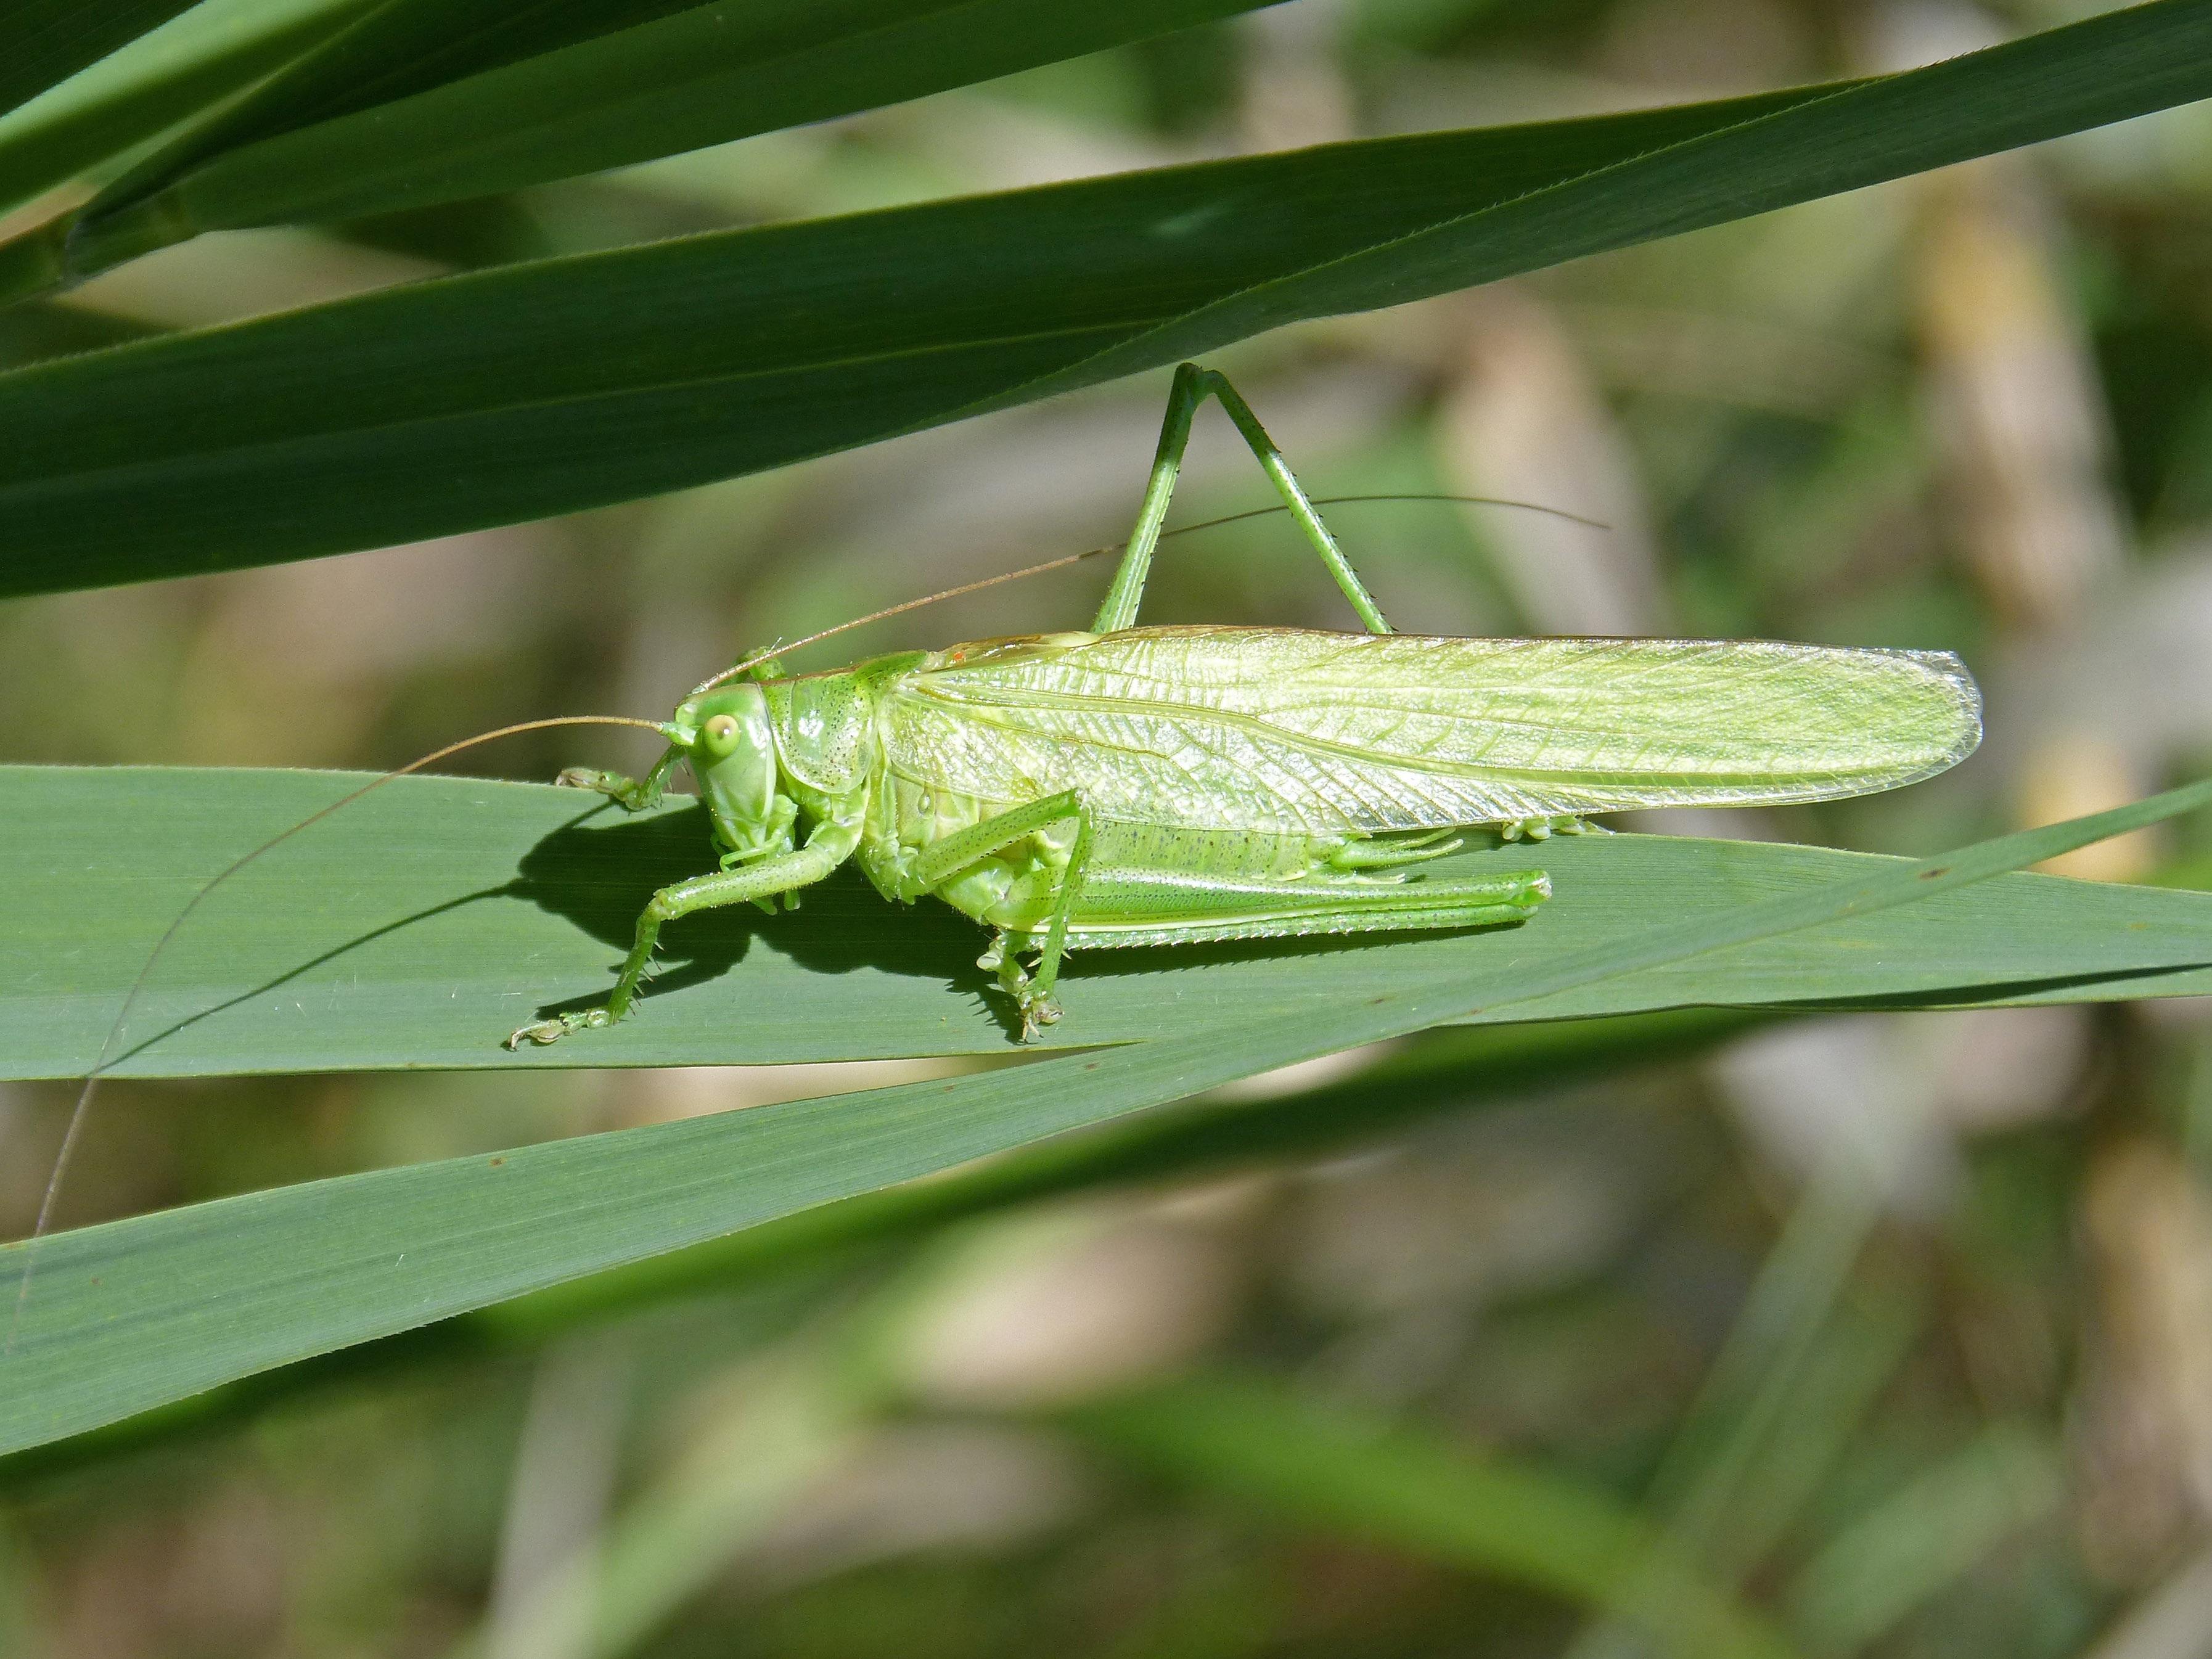 Gratis afbeeldingen blad groen fauna ongewerveld kreeft blad groen insect fauna ongewerveld kreeft waterjuffer sprinkhaan sprinkhaan antennes macrofotografie geleedpotige groene sprinkhaan orthopteron altavistaventures Images